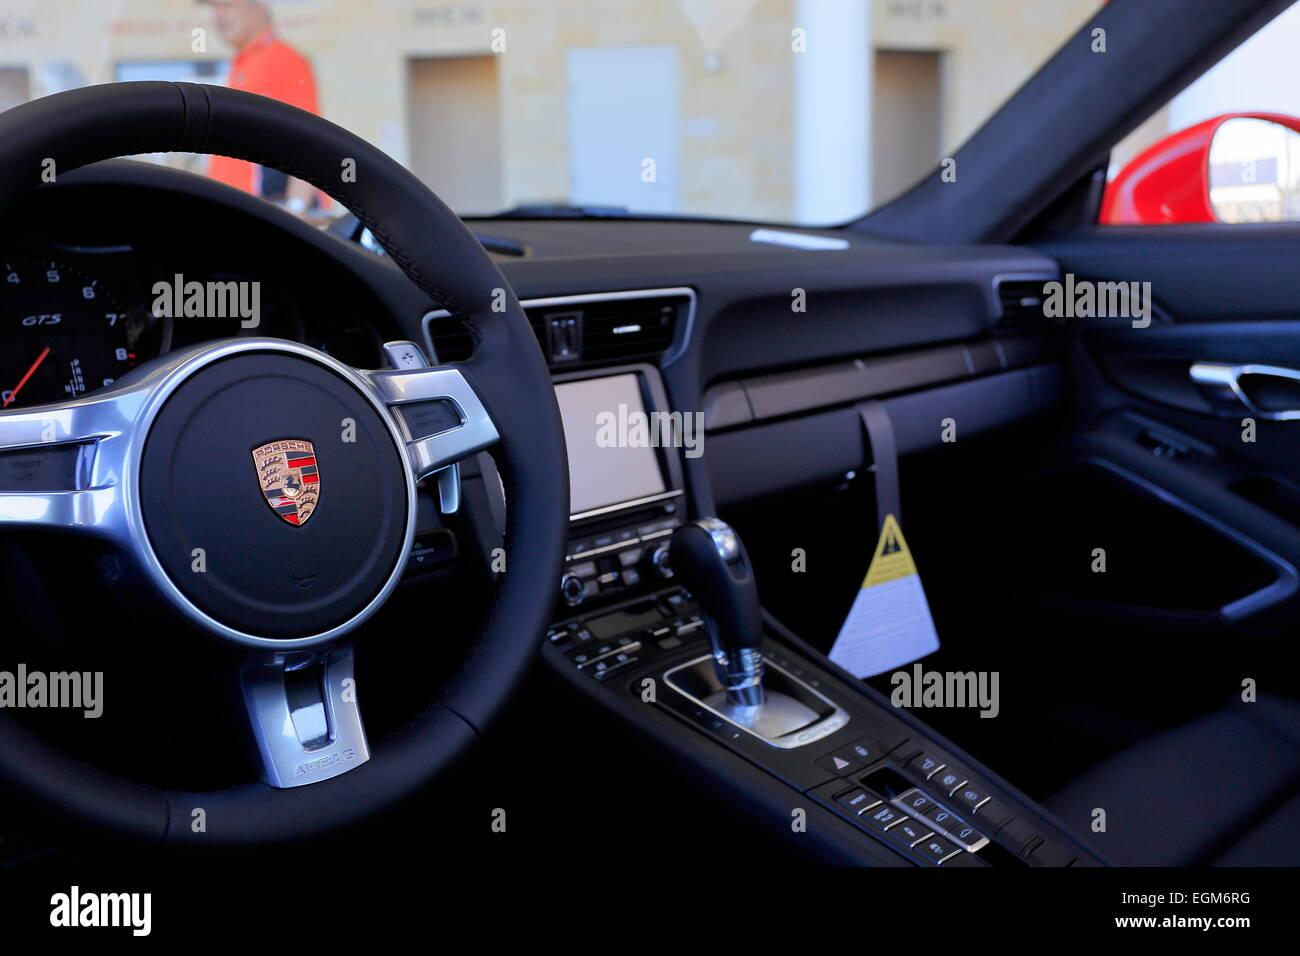 2016-Porsche 911 Carrera GTS-Automobil-Interieur Stockfoto, Bild ...